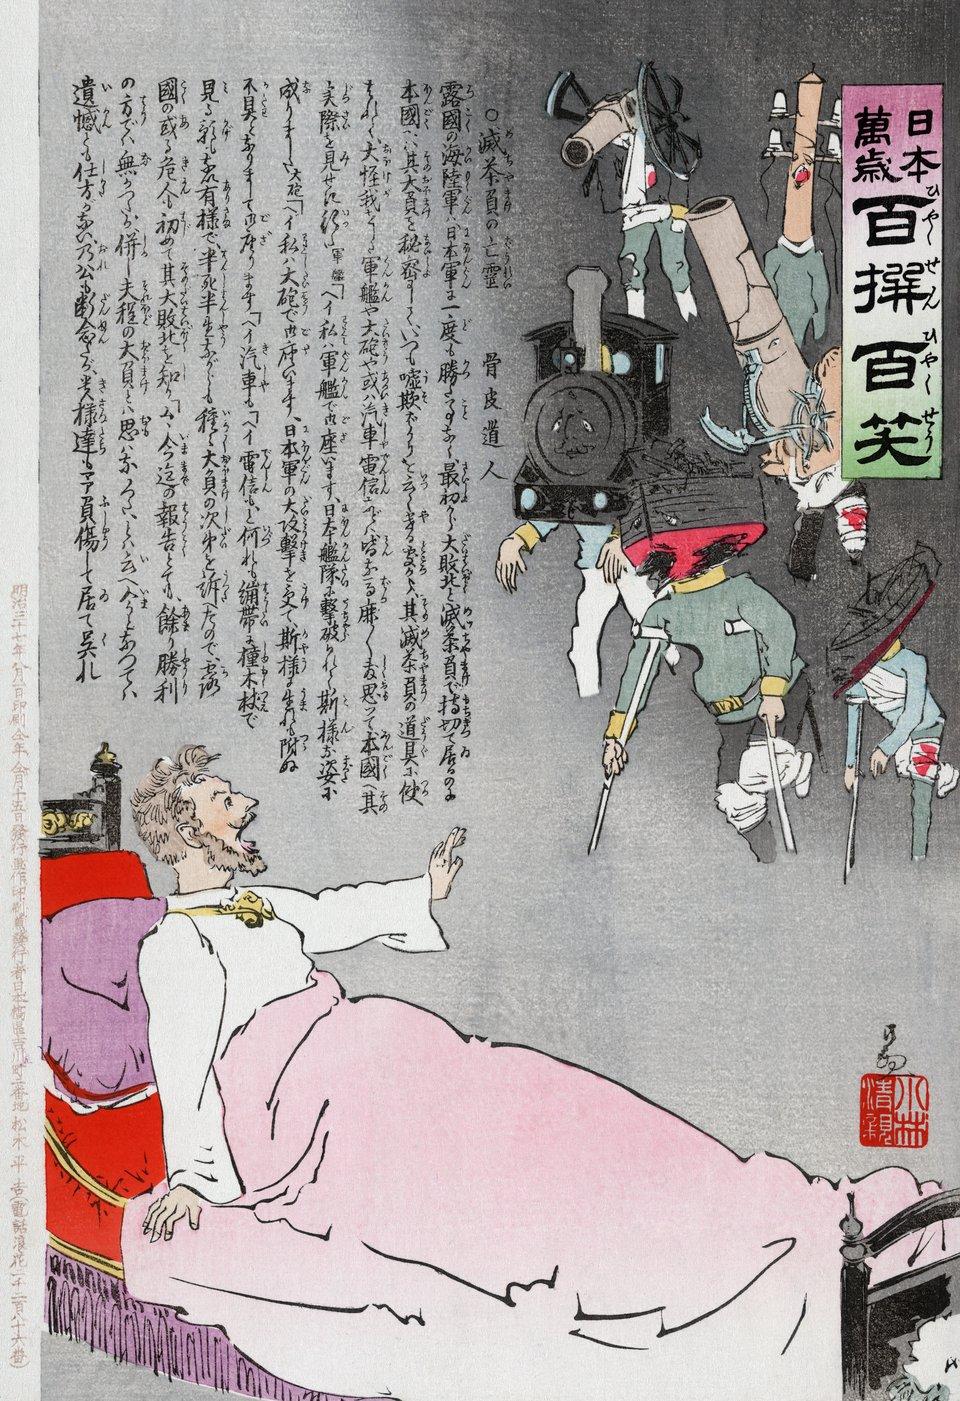 Powrót sił zbrojnych. Koszmar senny Mikołaja II Źródło: Kobayashi Kiyochika, Powrót sił zbrojnych. Koszmar senny Mikołaja II, 1904 lub 1905 , domena publiczna.